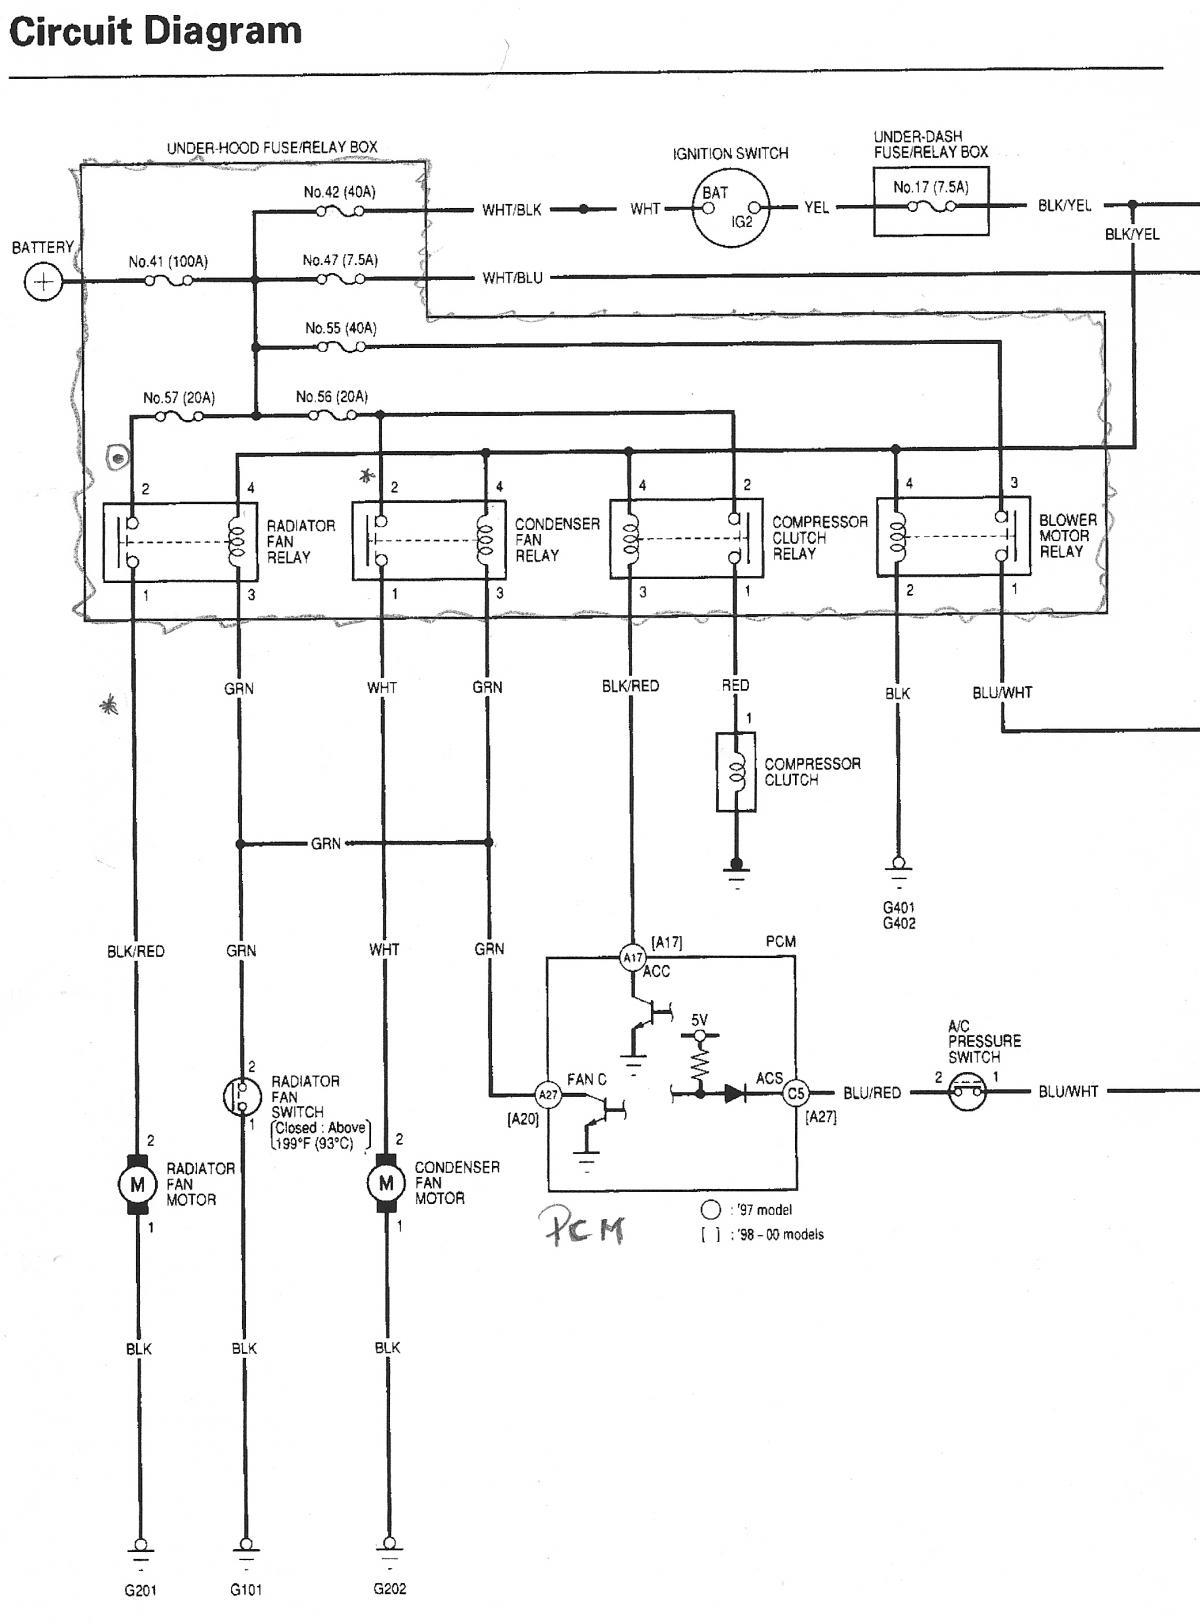 2004 Honda Cr V Engine Wiring Diagram Auto Electrical Wiring Diagram York Blower  Motor Wiring Diagram Honda Element Blower Motor Wiring Diagram